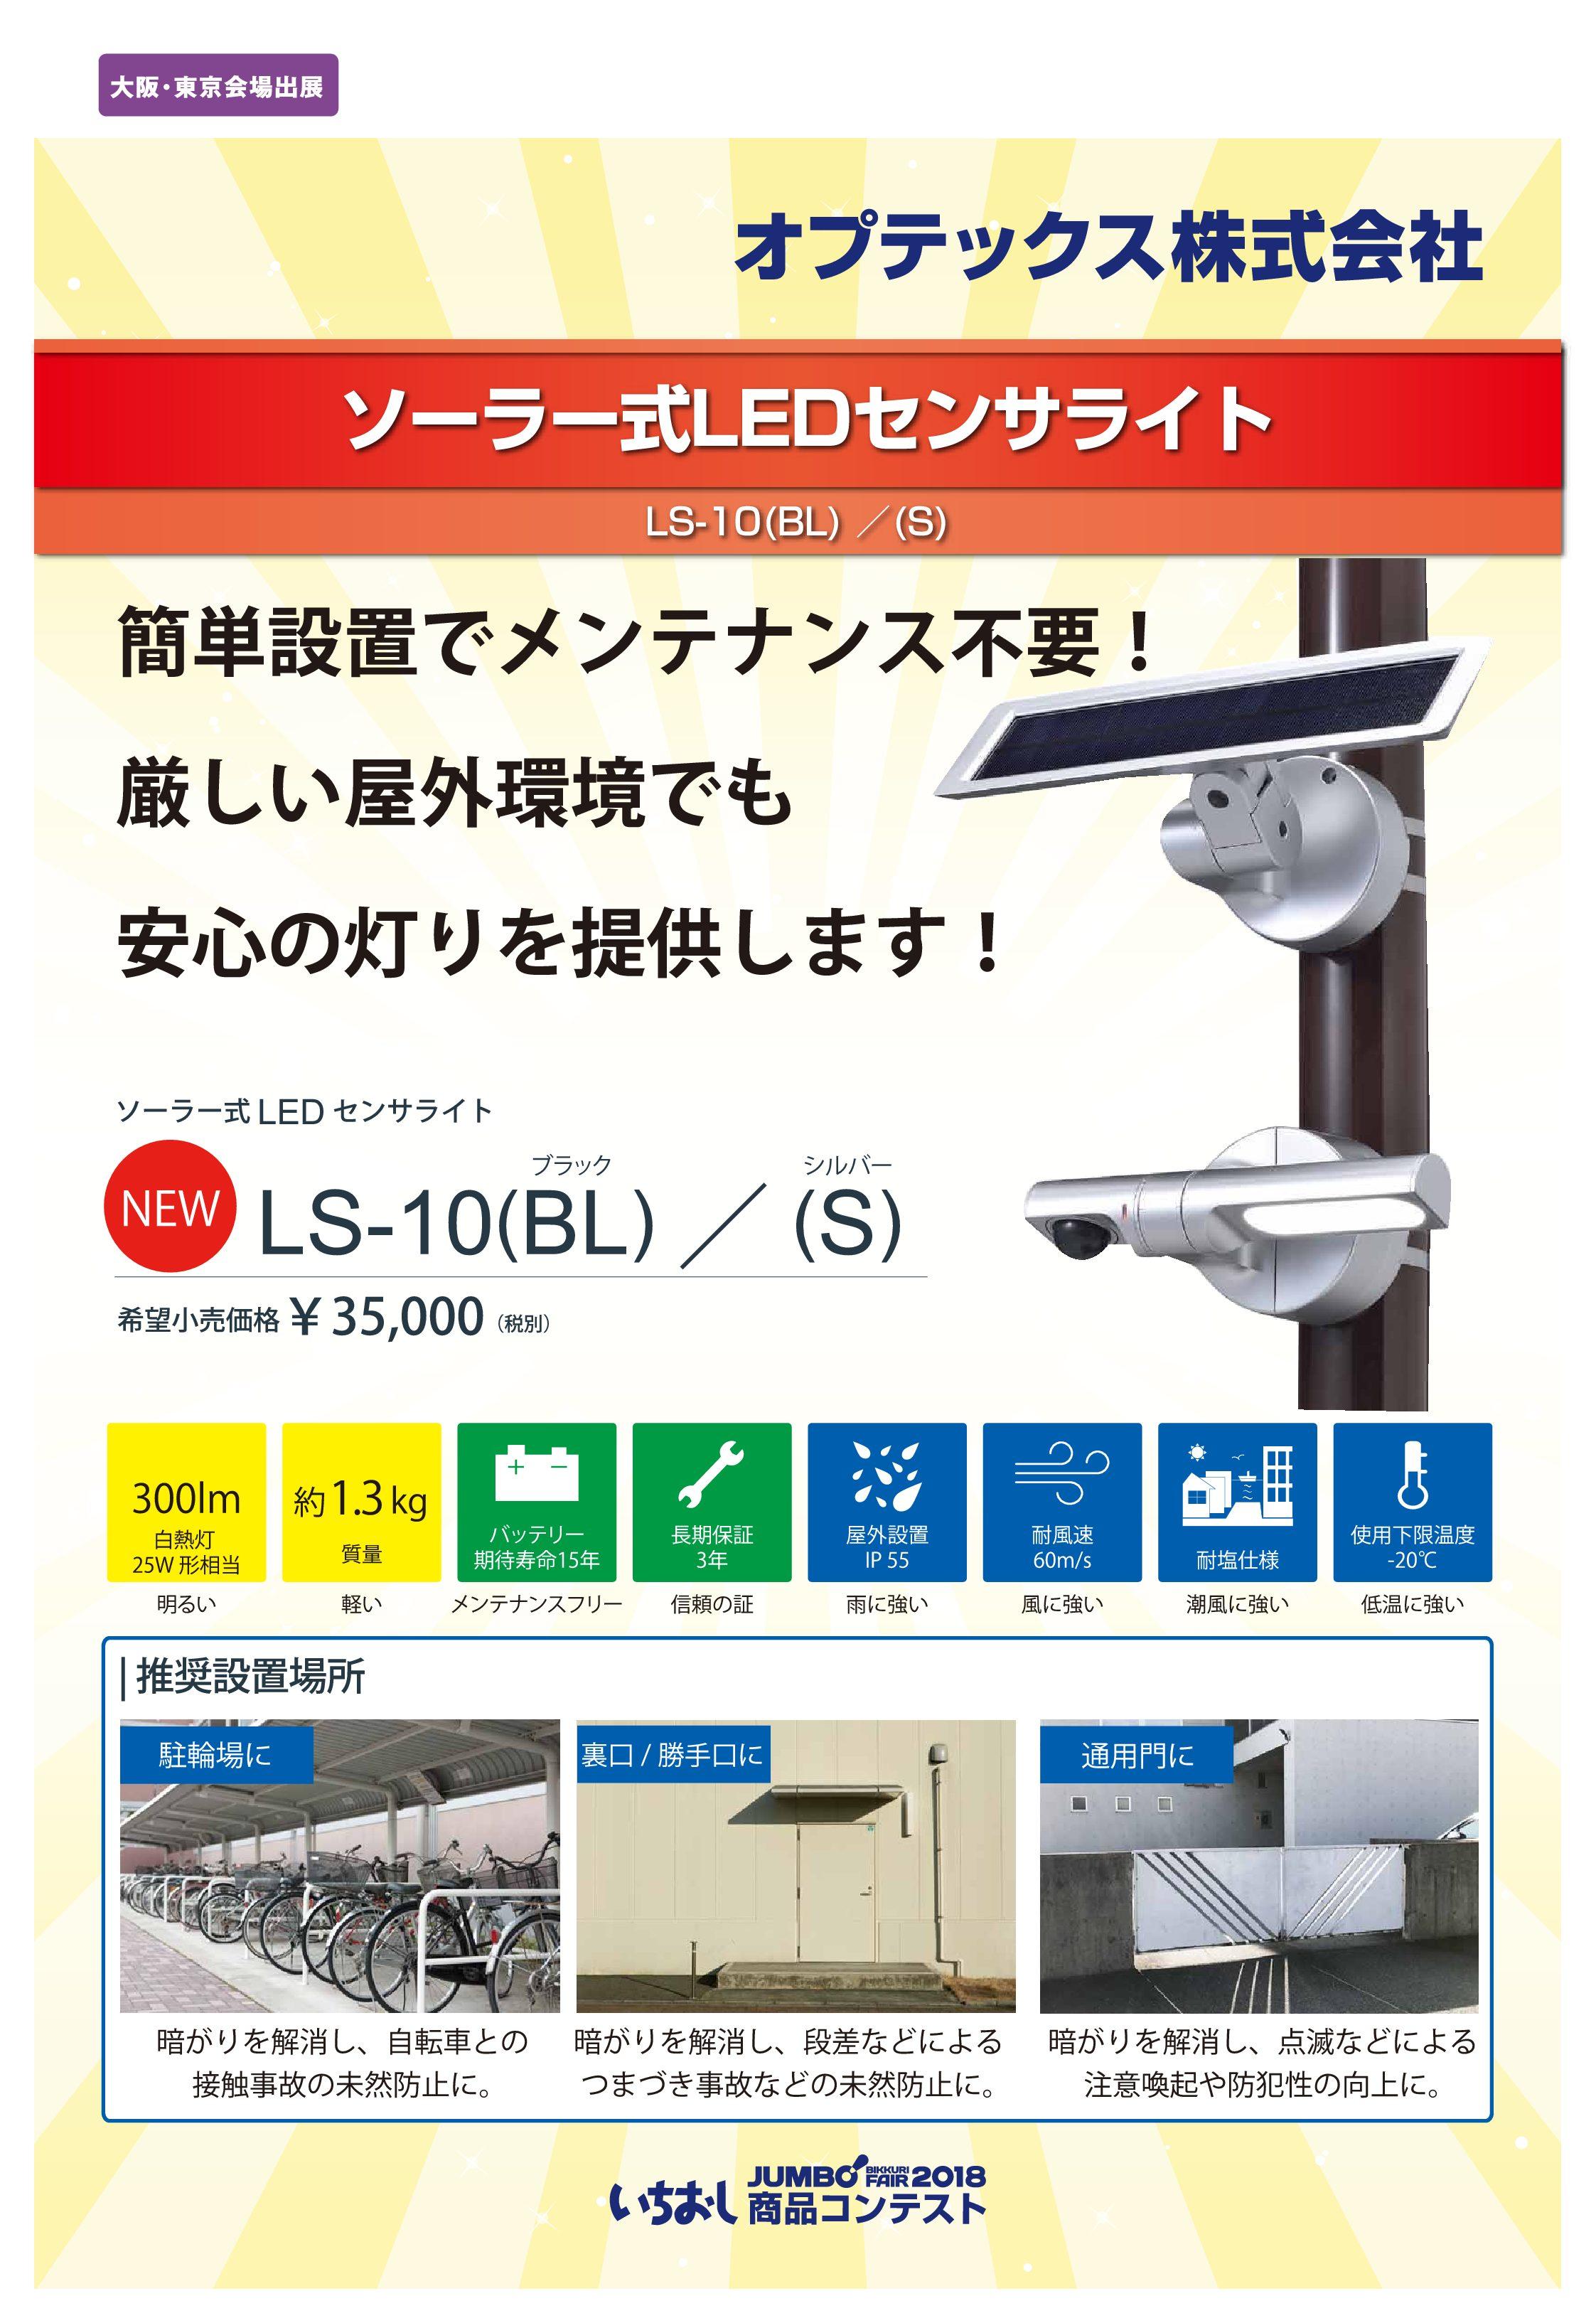 「ソーラー式LEDセンサライト」オプテックス株式会社の画像